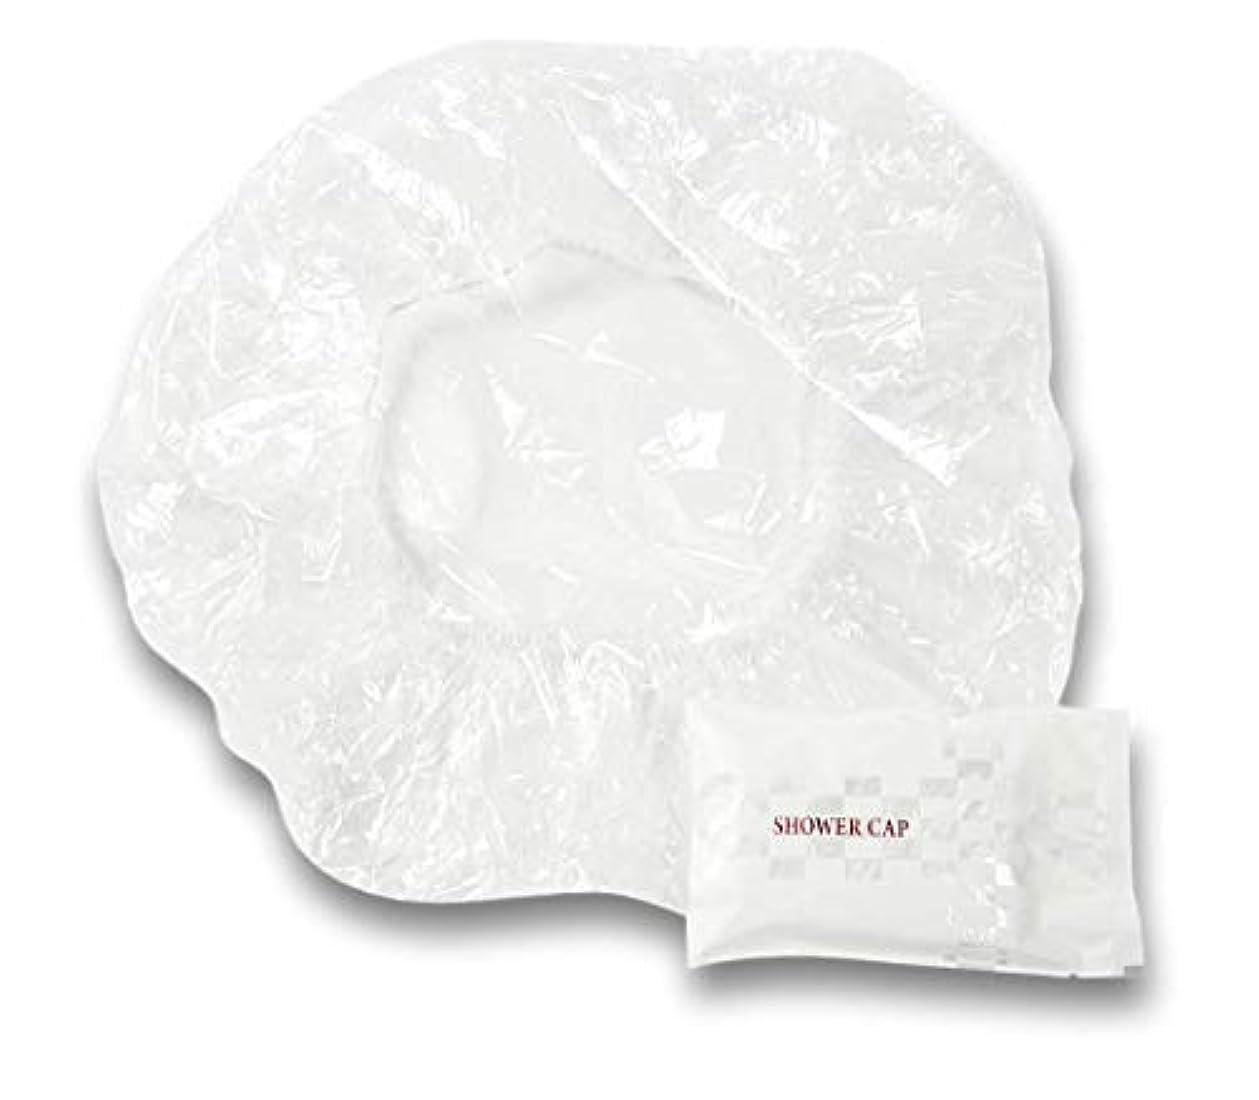 滑りやすい平らな抵抗するラティス シャワーキャップ 業務用 個別包装100入り 使い捨てキャップ